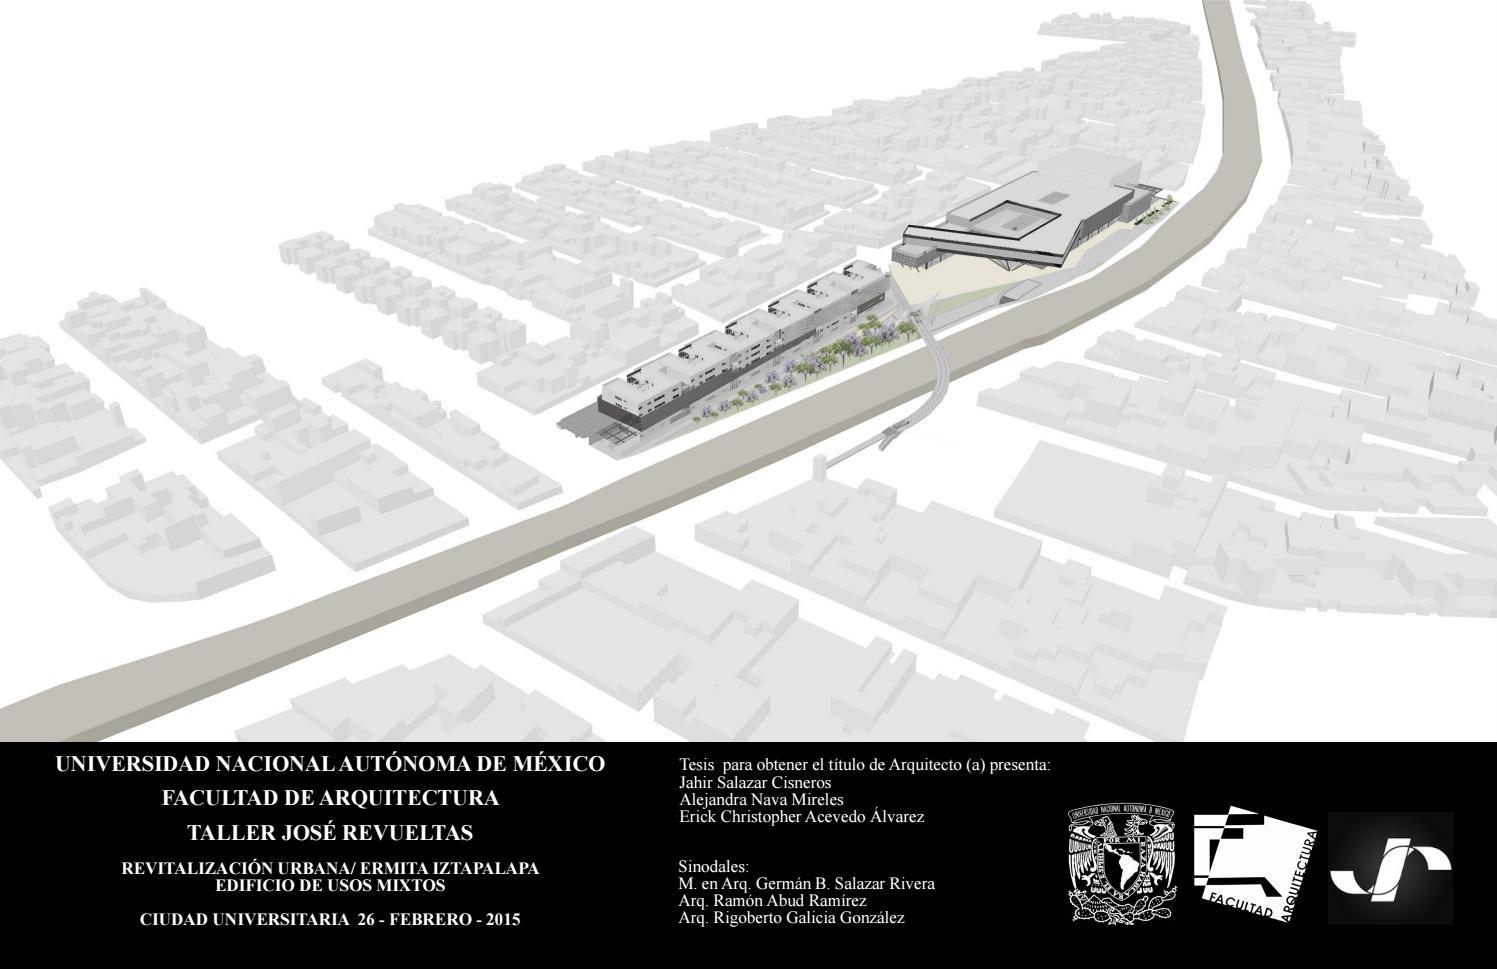 Revitalización Urbana Ermita Iztapalapa By Alejandra Nava